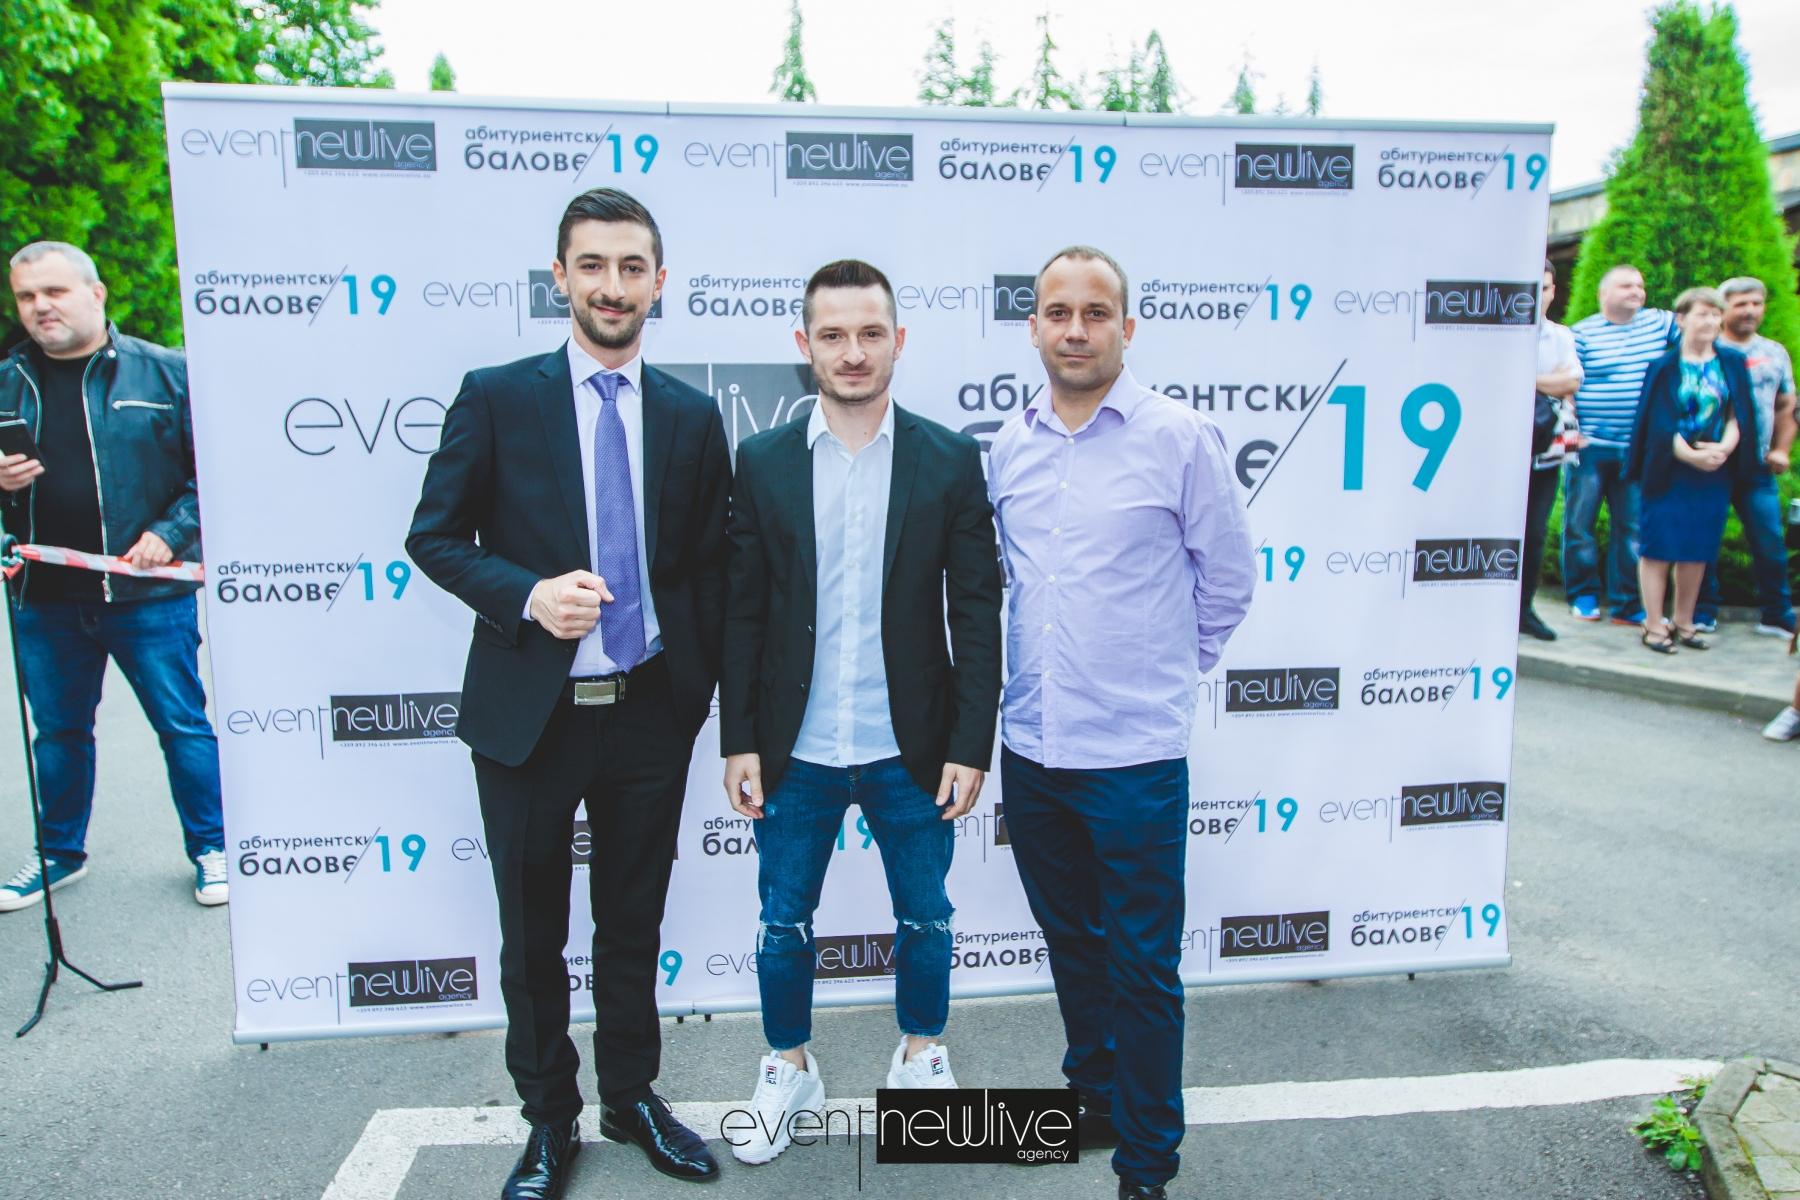 Усмивки от екипът на Event NewLive Agency